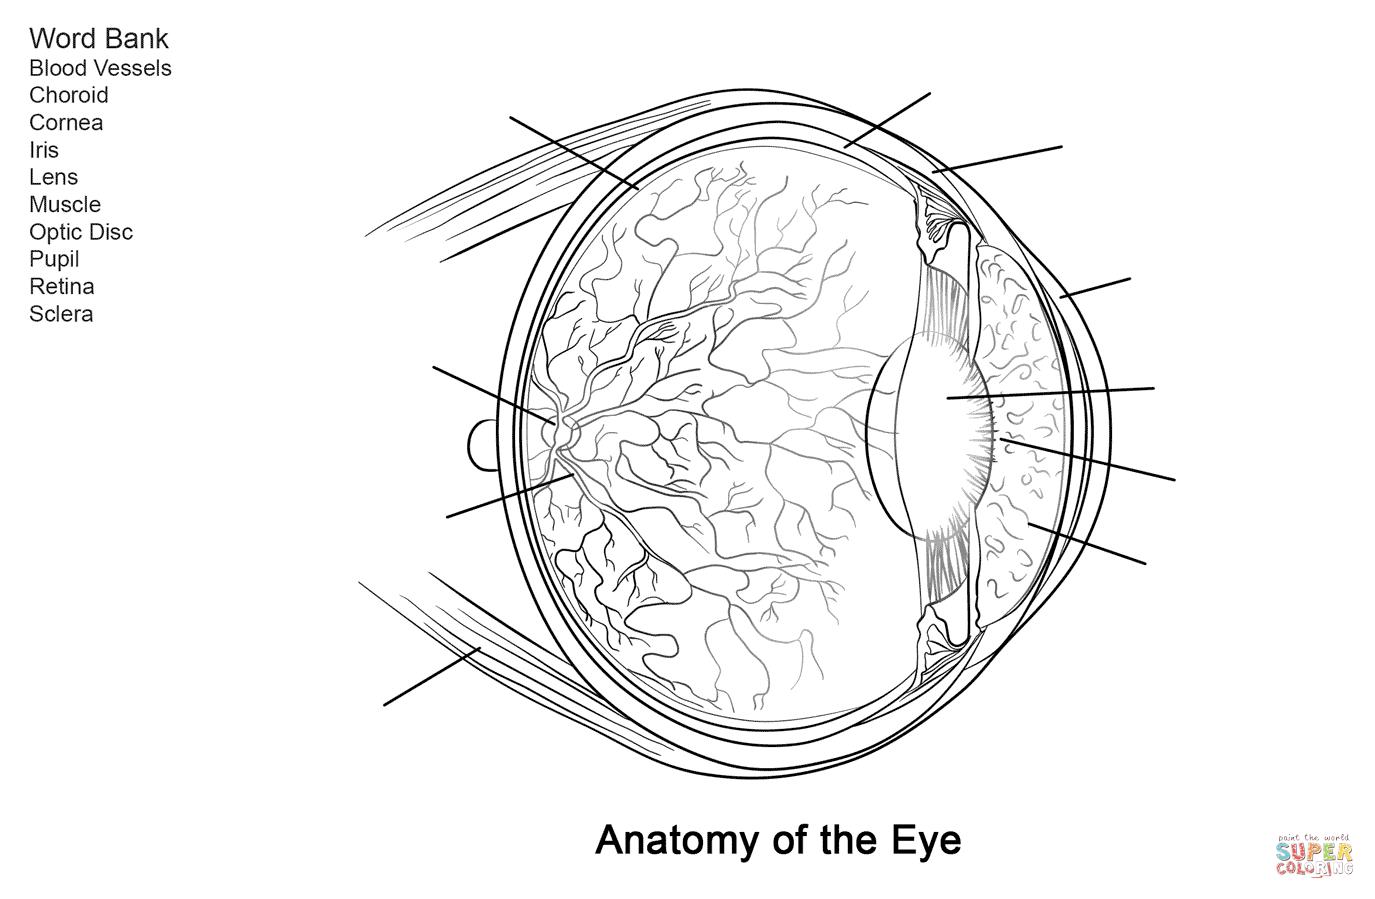 Human Eye Anatomy Worksheet Coloring Page | Free Printable Coloring - Free Printable Anatomy Pictures